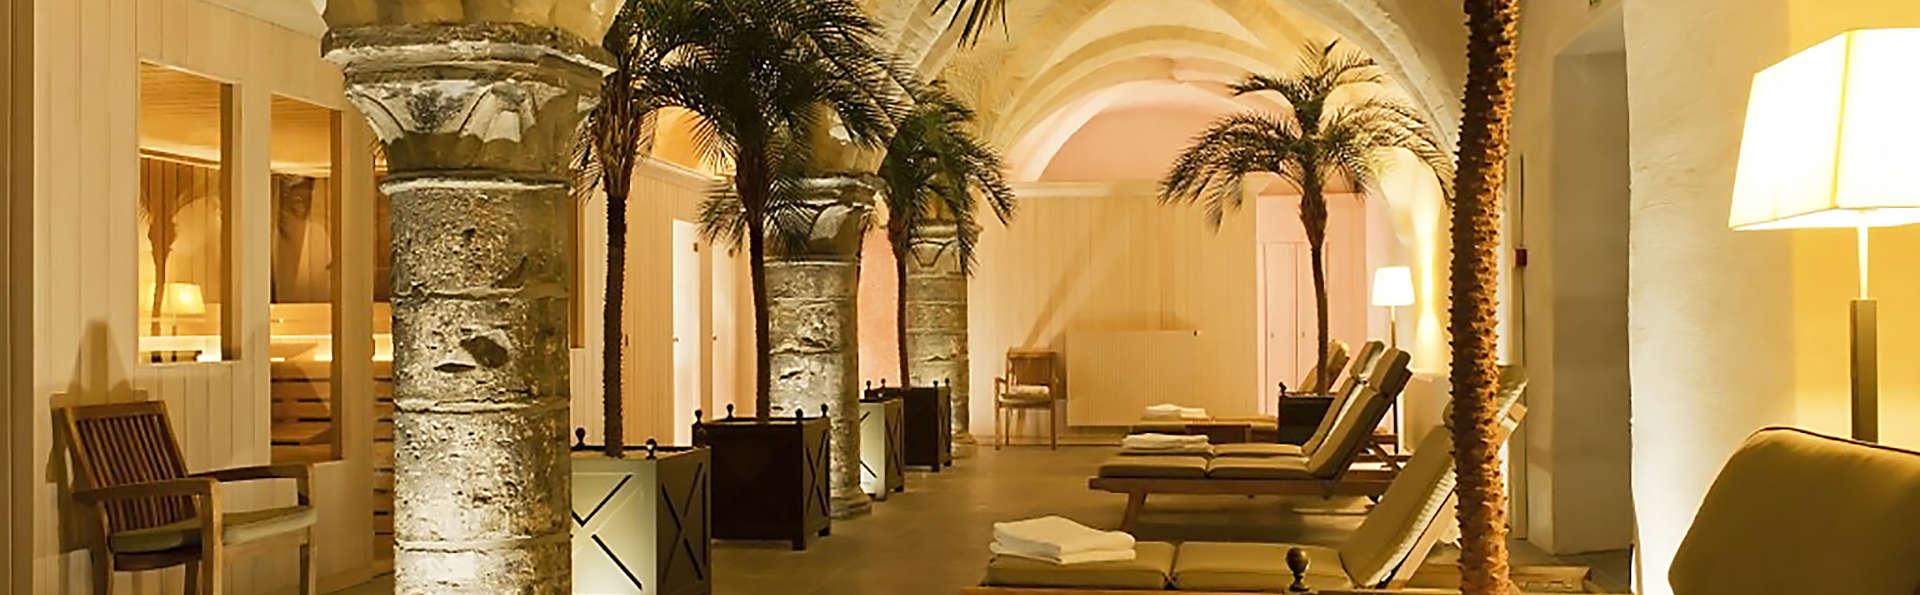 Grand Hotel Casselbergh Brugge - EDIT_spa.jpg